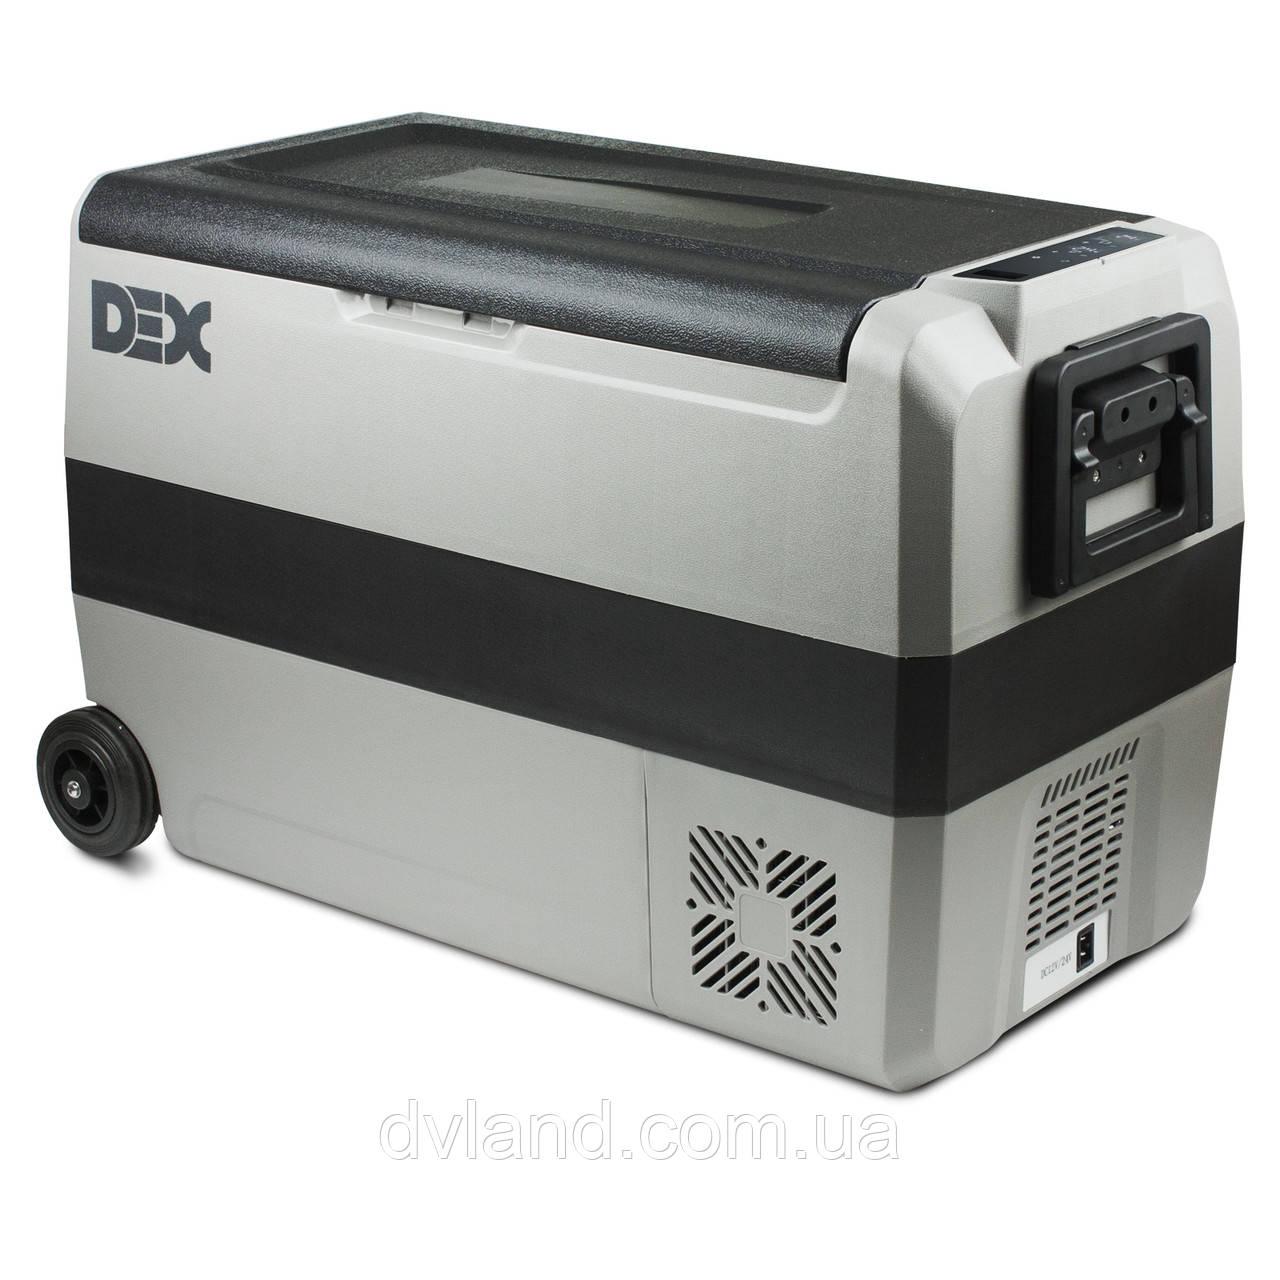 Автохолодильник-морозильник DEX T-50 50л Компрессорный